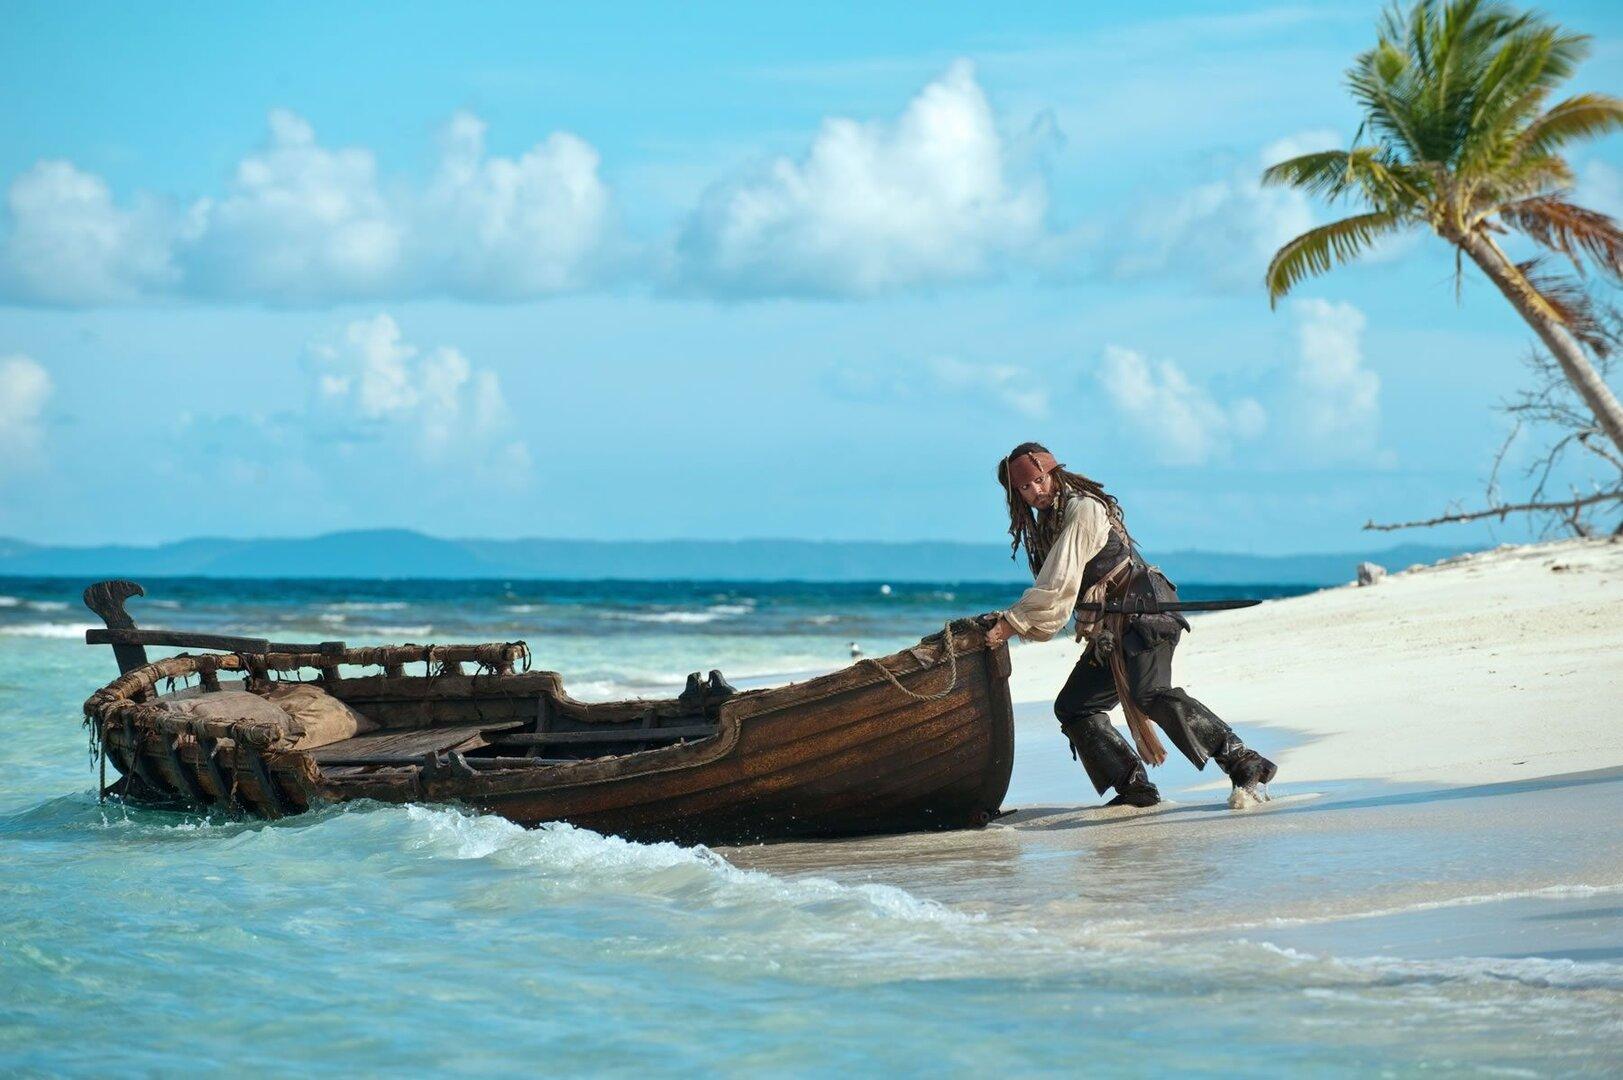 получится обнаружить фрегат пираты карибов картинки шторками